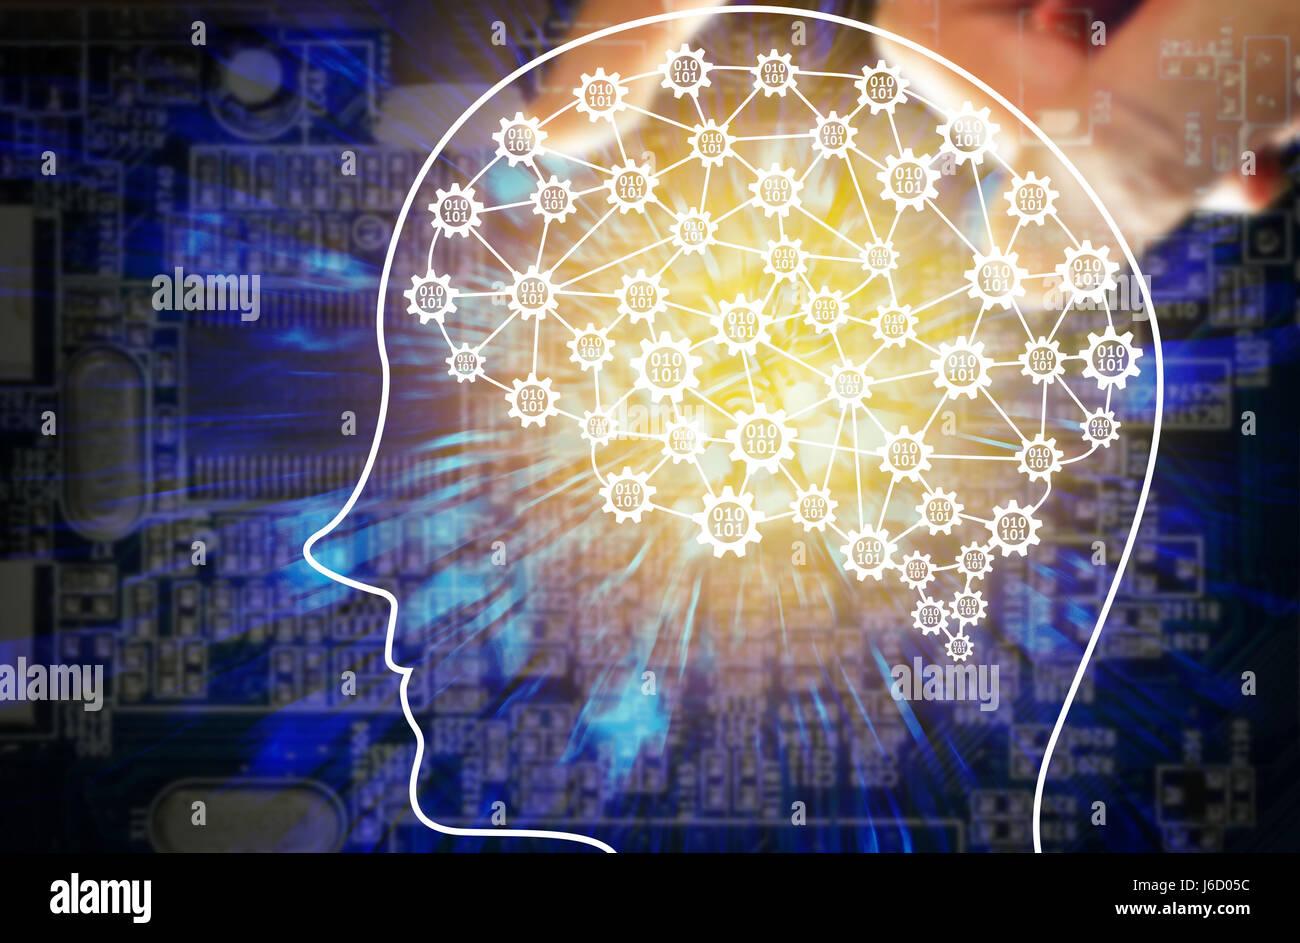 Maschinenkonzept lernen und künstliche Intelligenz. FinTech Finanztechnologie Konzept. Roboter Gehirn mit binär Stockbild